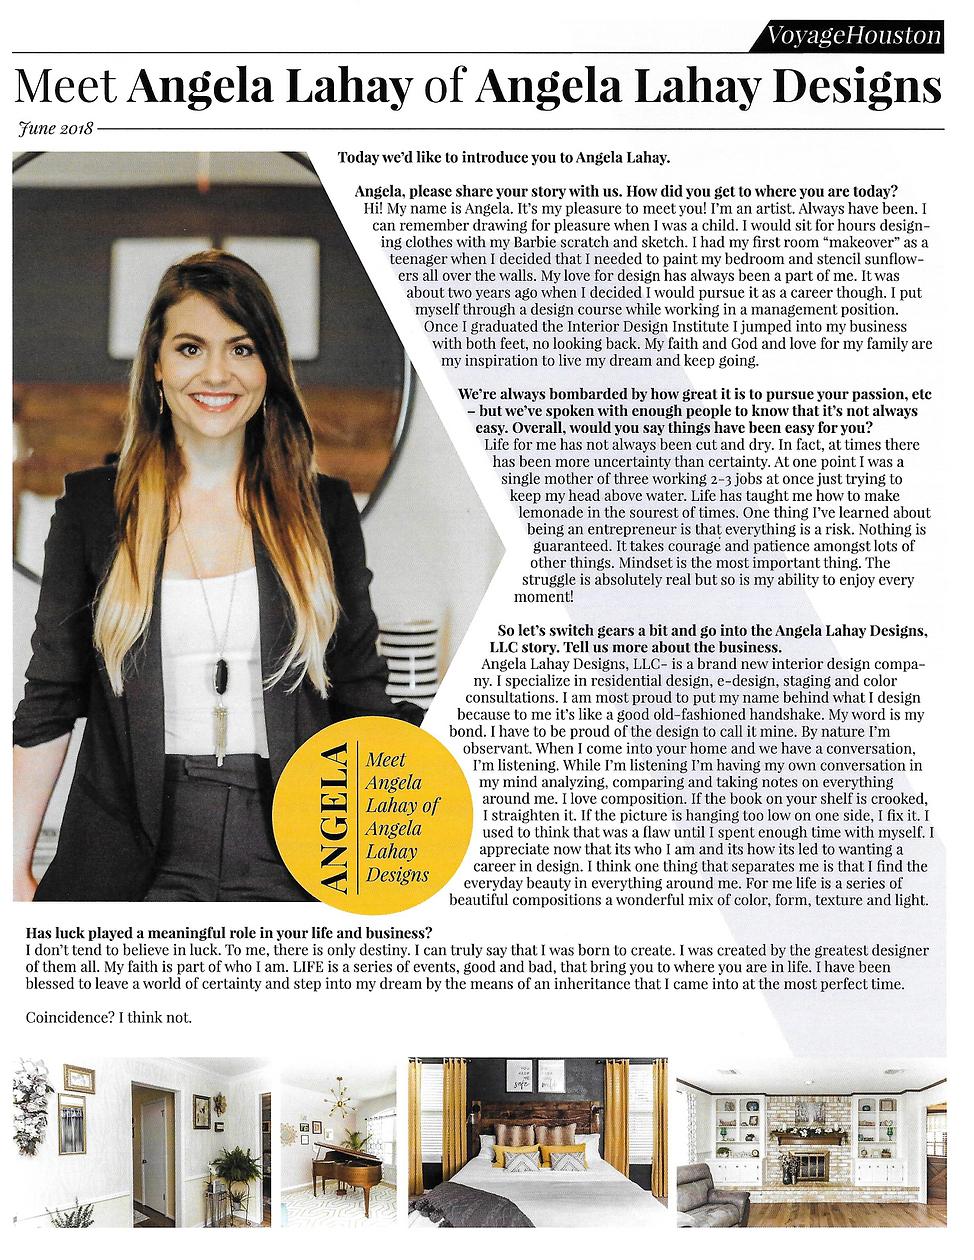 Interior Decorator, Angela Lahay, Houston, Texas Interview